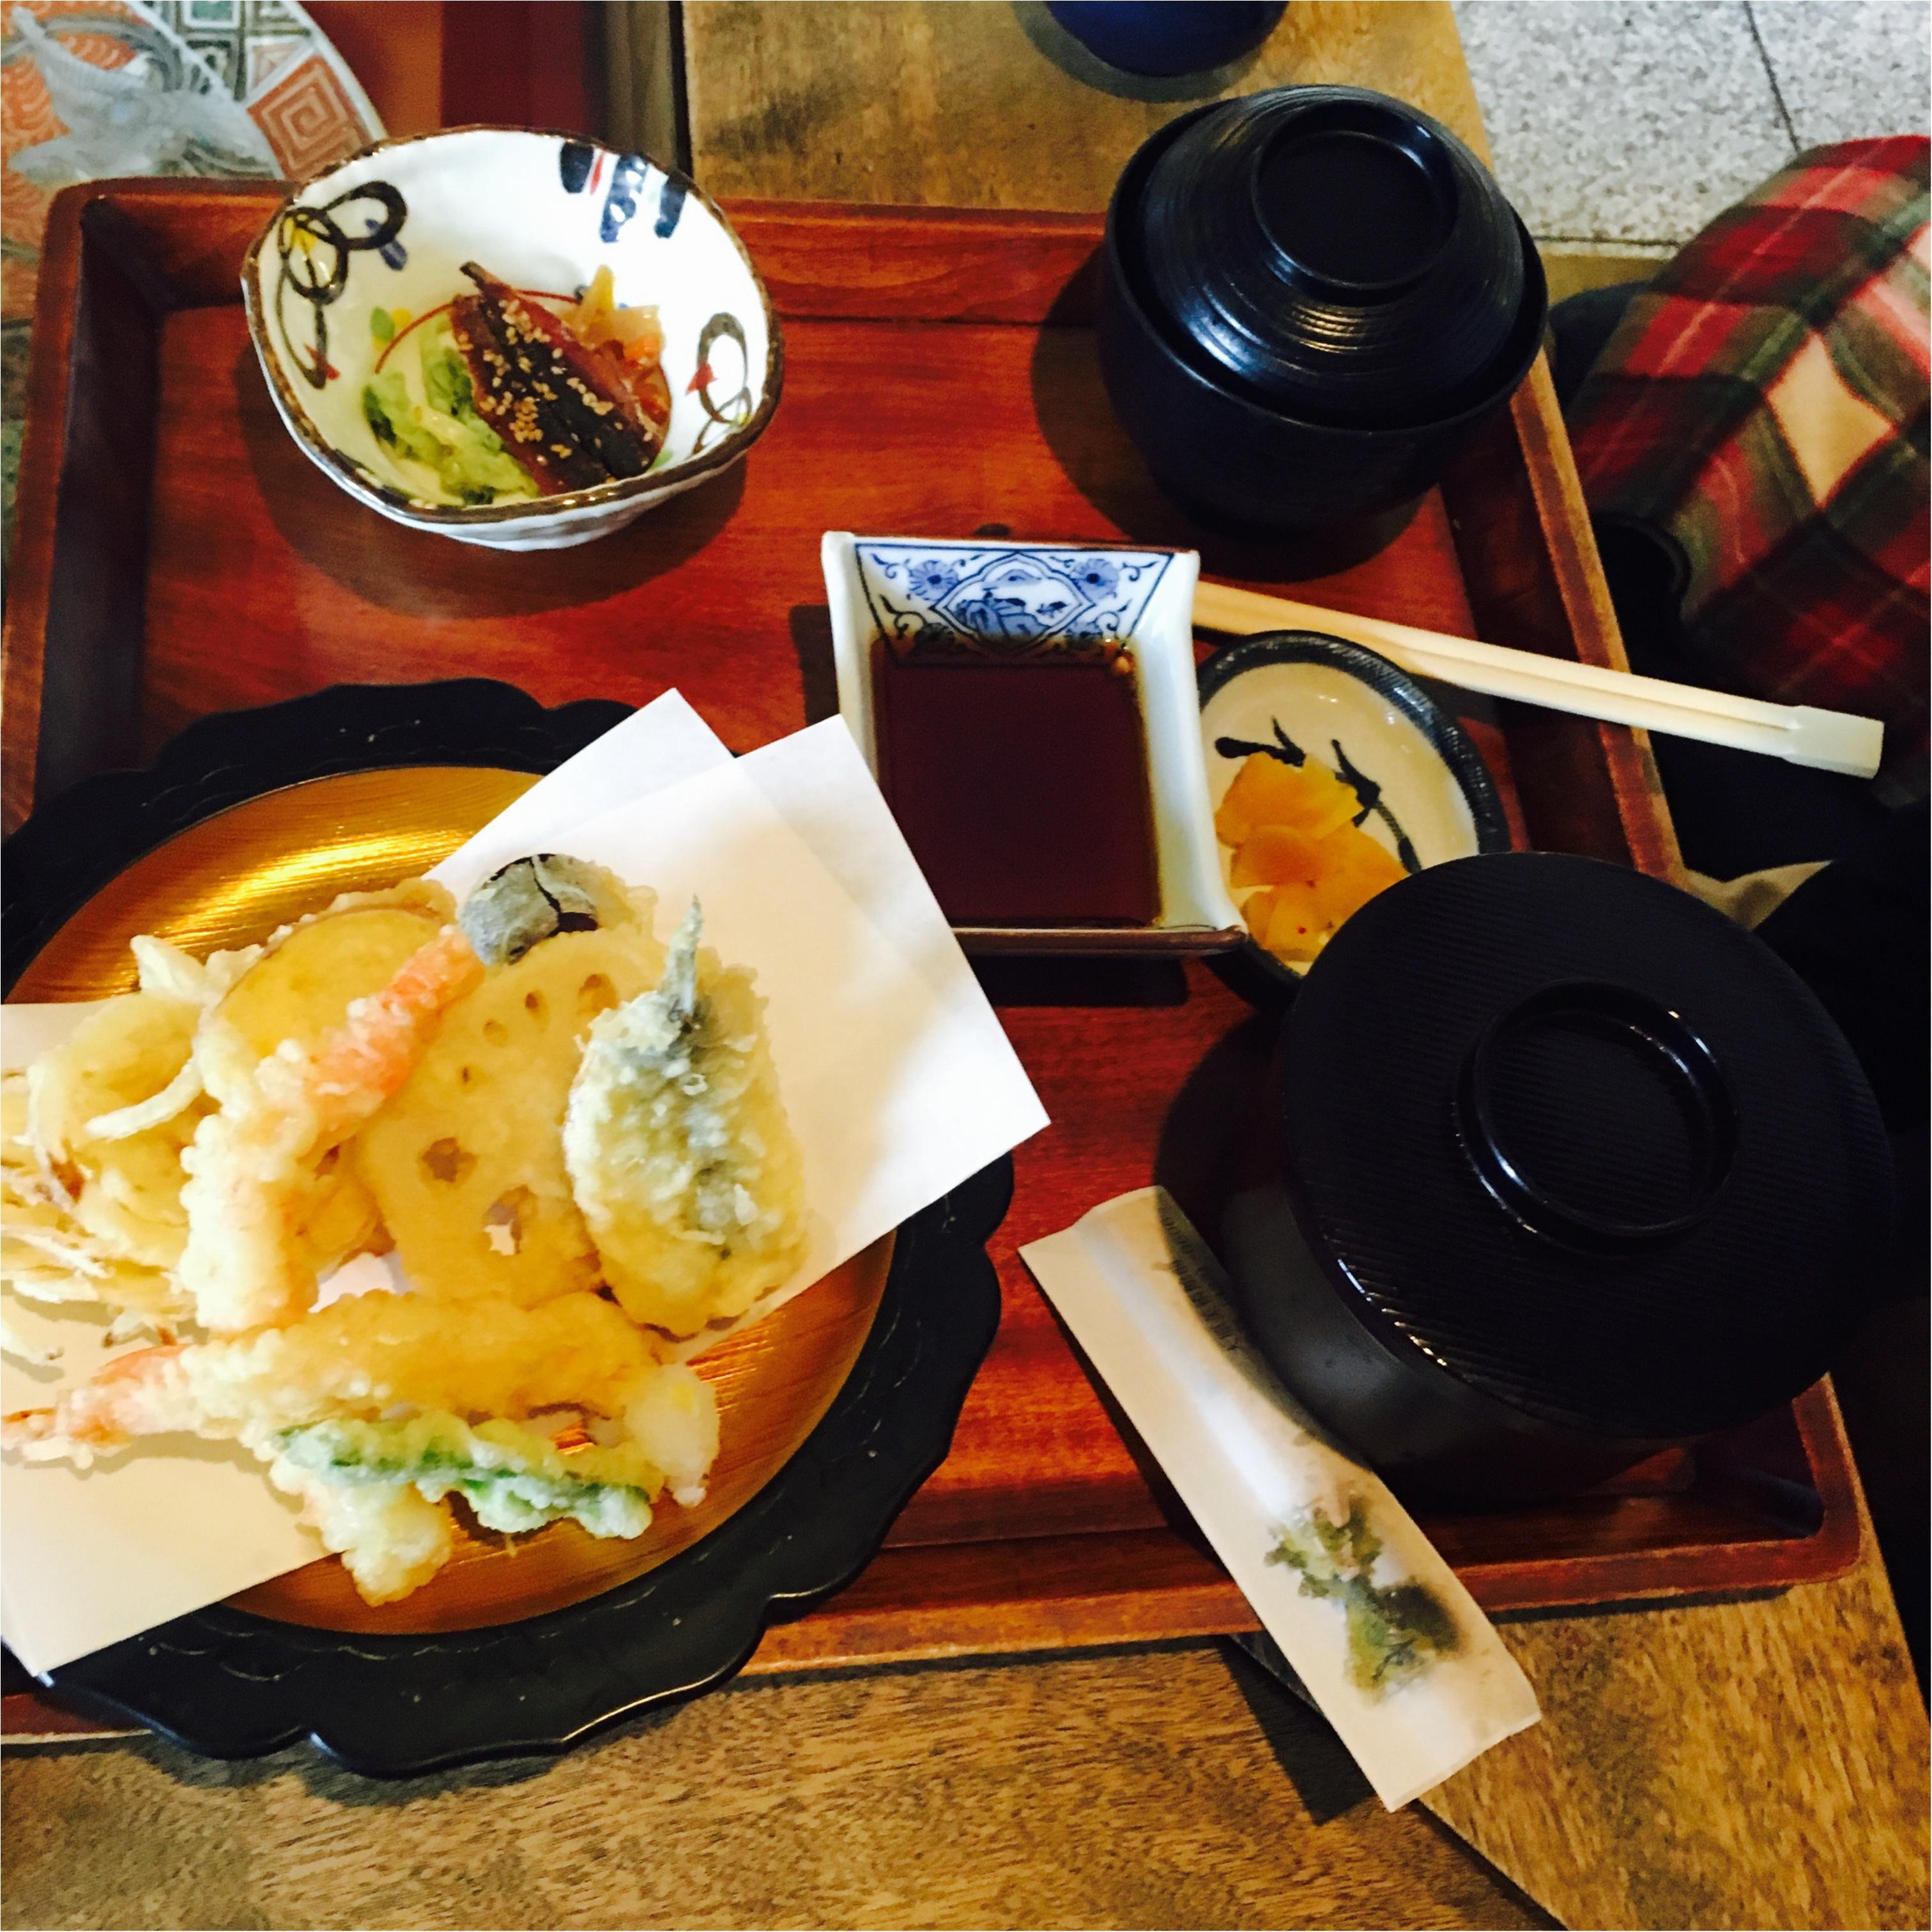 【岡山・倉敷 旅行②】茶房≪カモ井≫のランチが美味しすぎる!地元の食材を満喫しました!_4